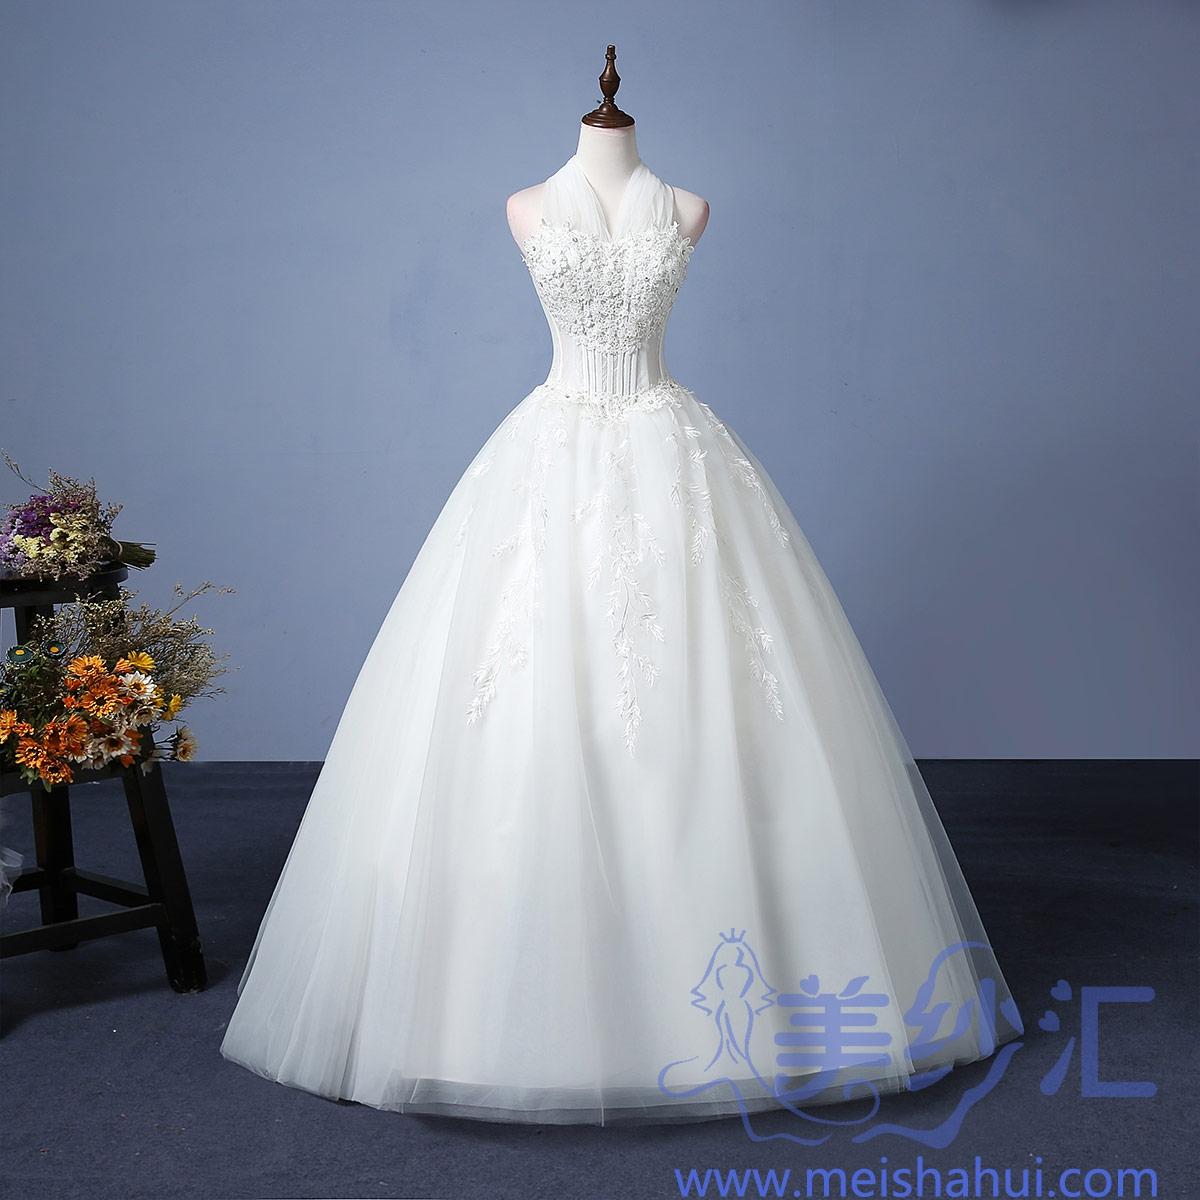 米白色挂脖款新娘结婚当天嫁衣齐地婚纱精美花纹101101C-117 如图 均码